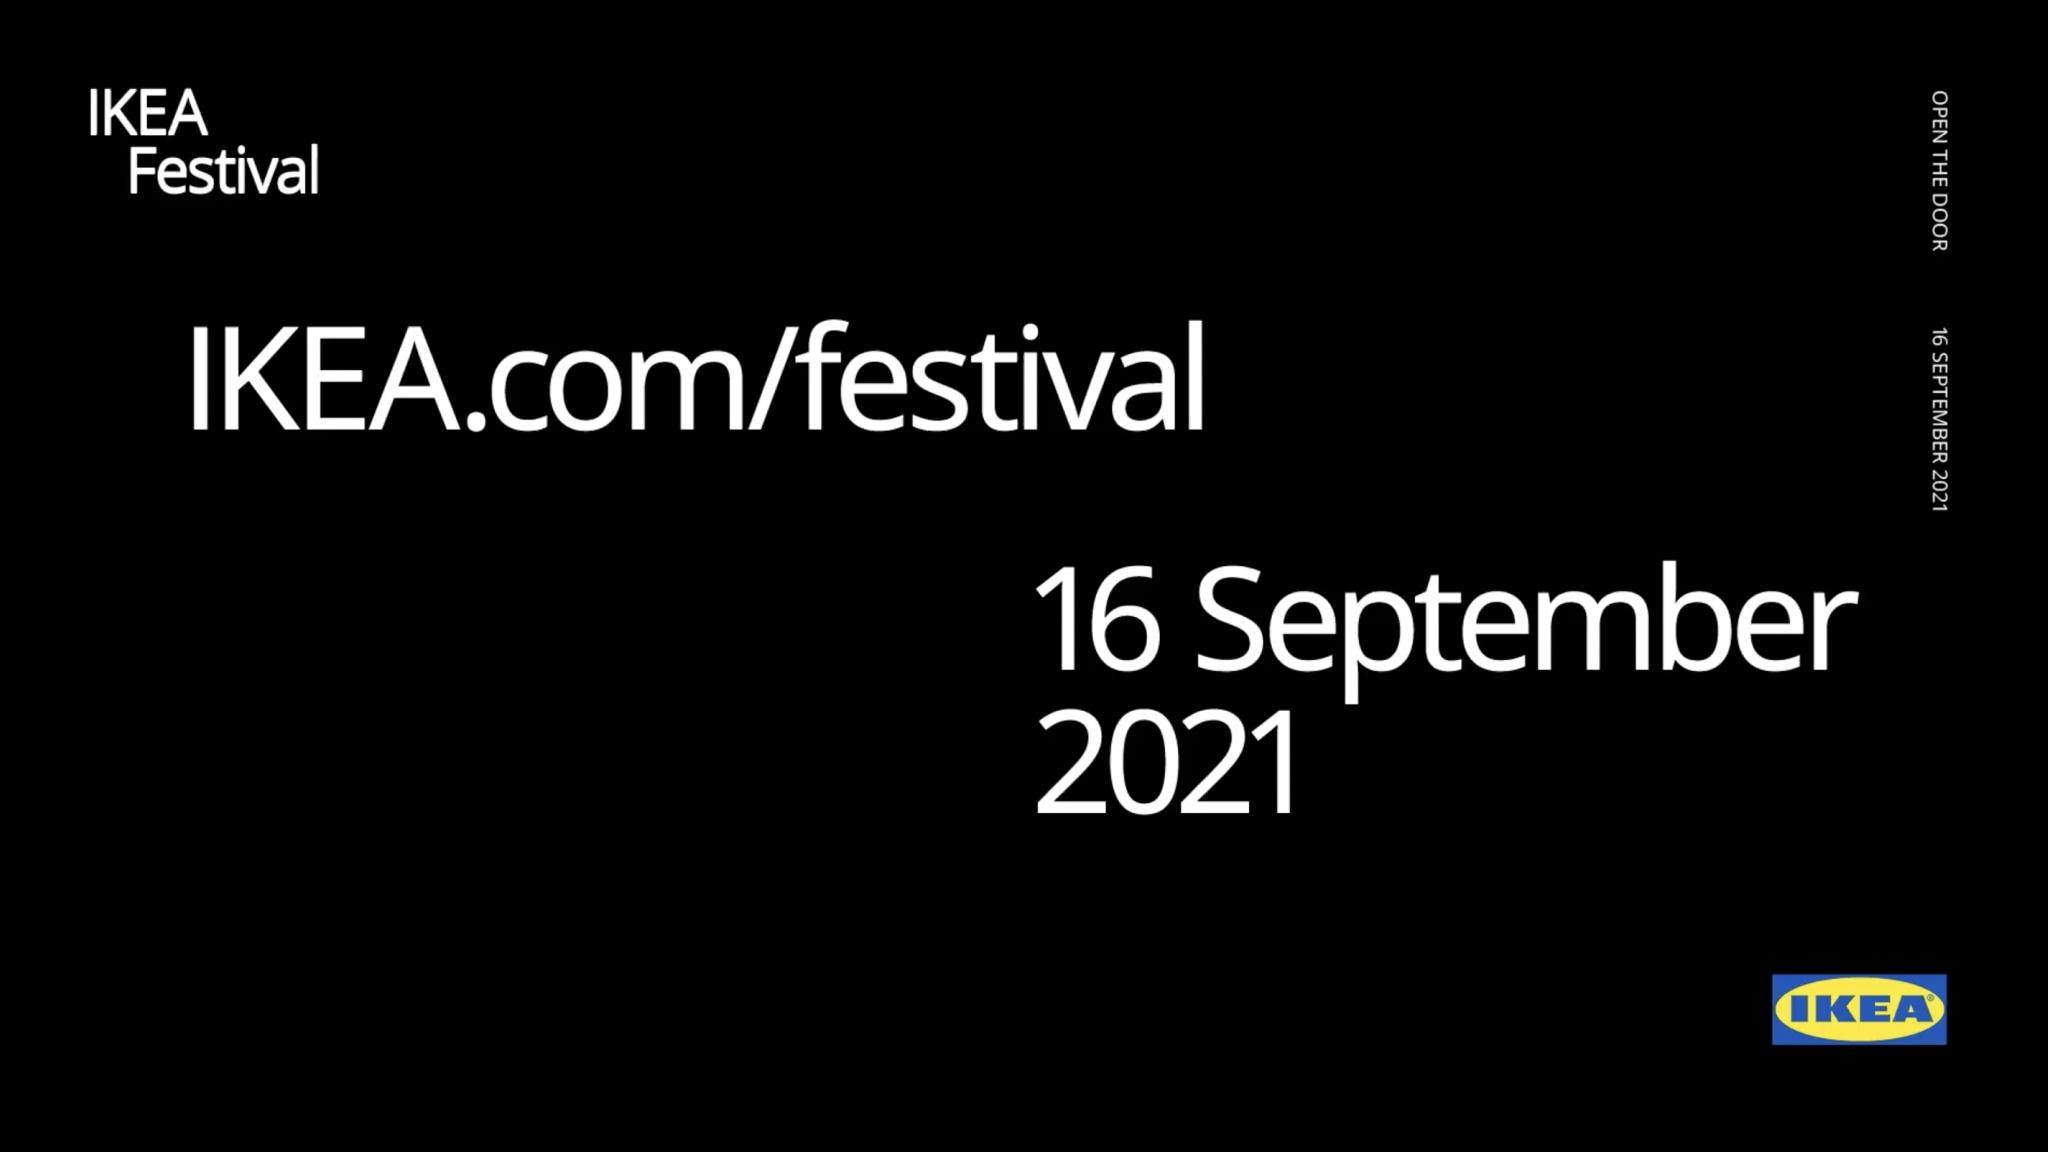 Es ist ein Bild zu sehen, das das IKEA Festival heute am 16. September 2021 ankündigt.